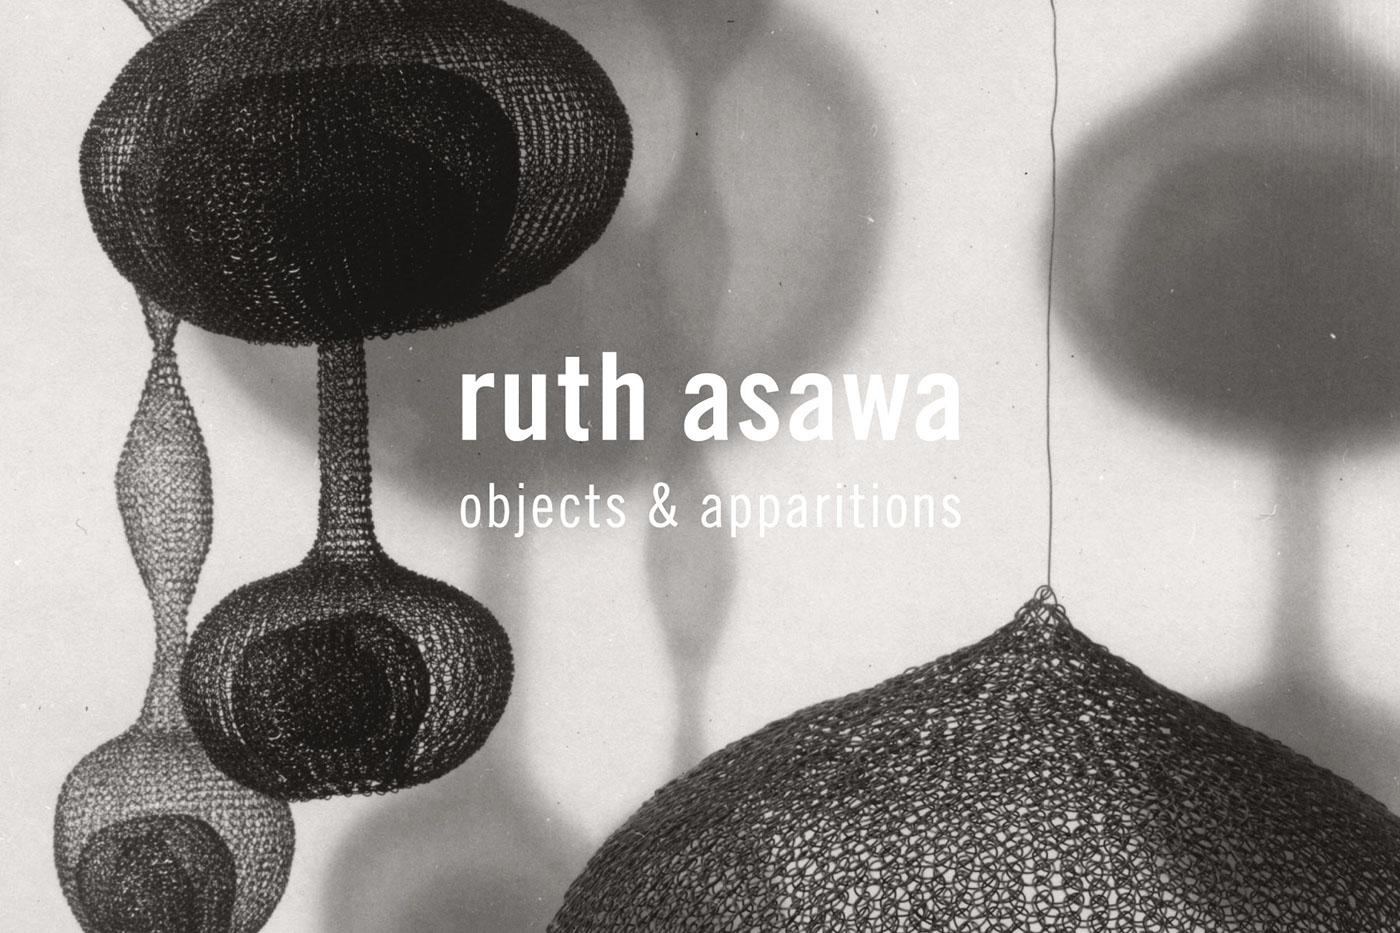 Asawa on Behance